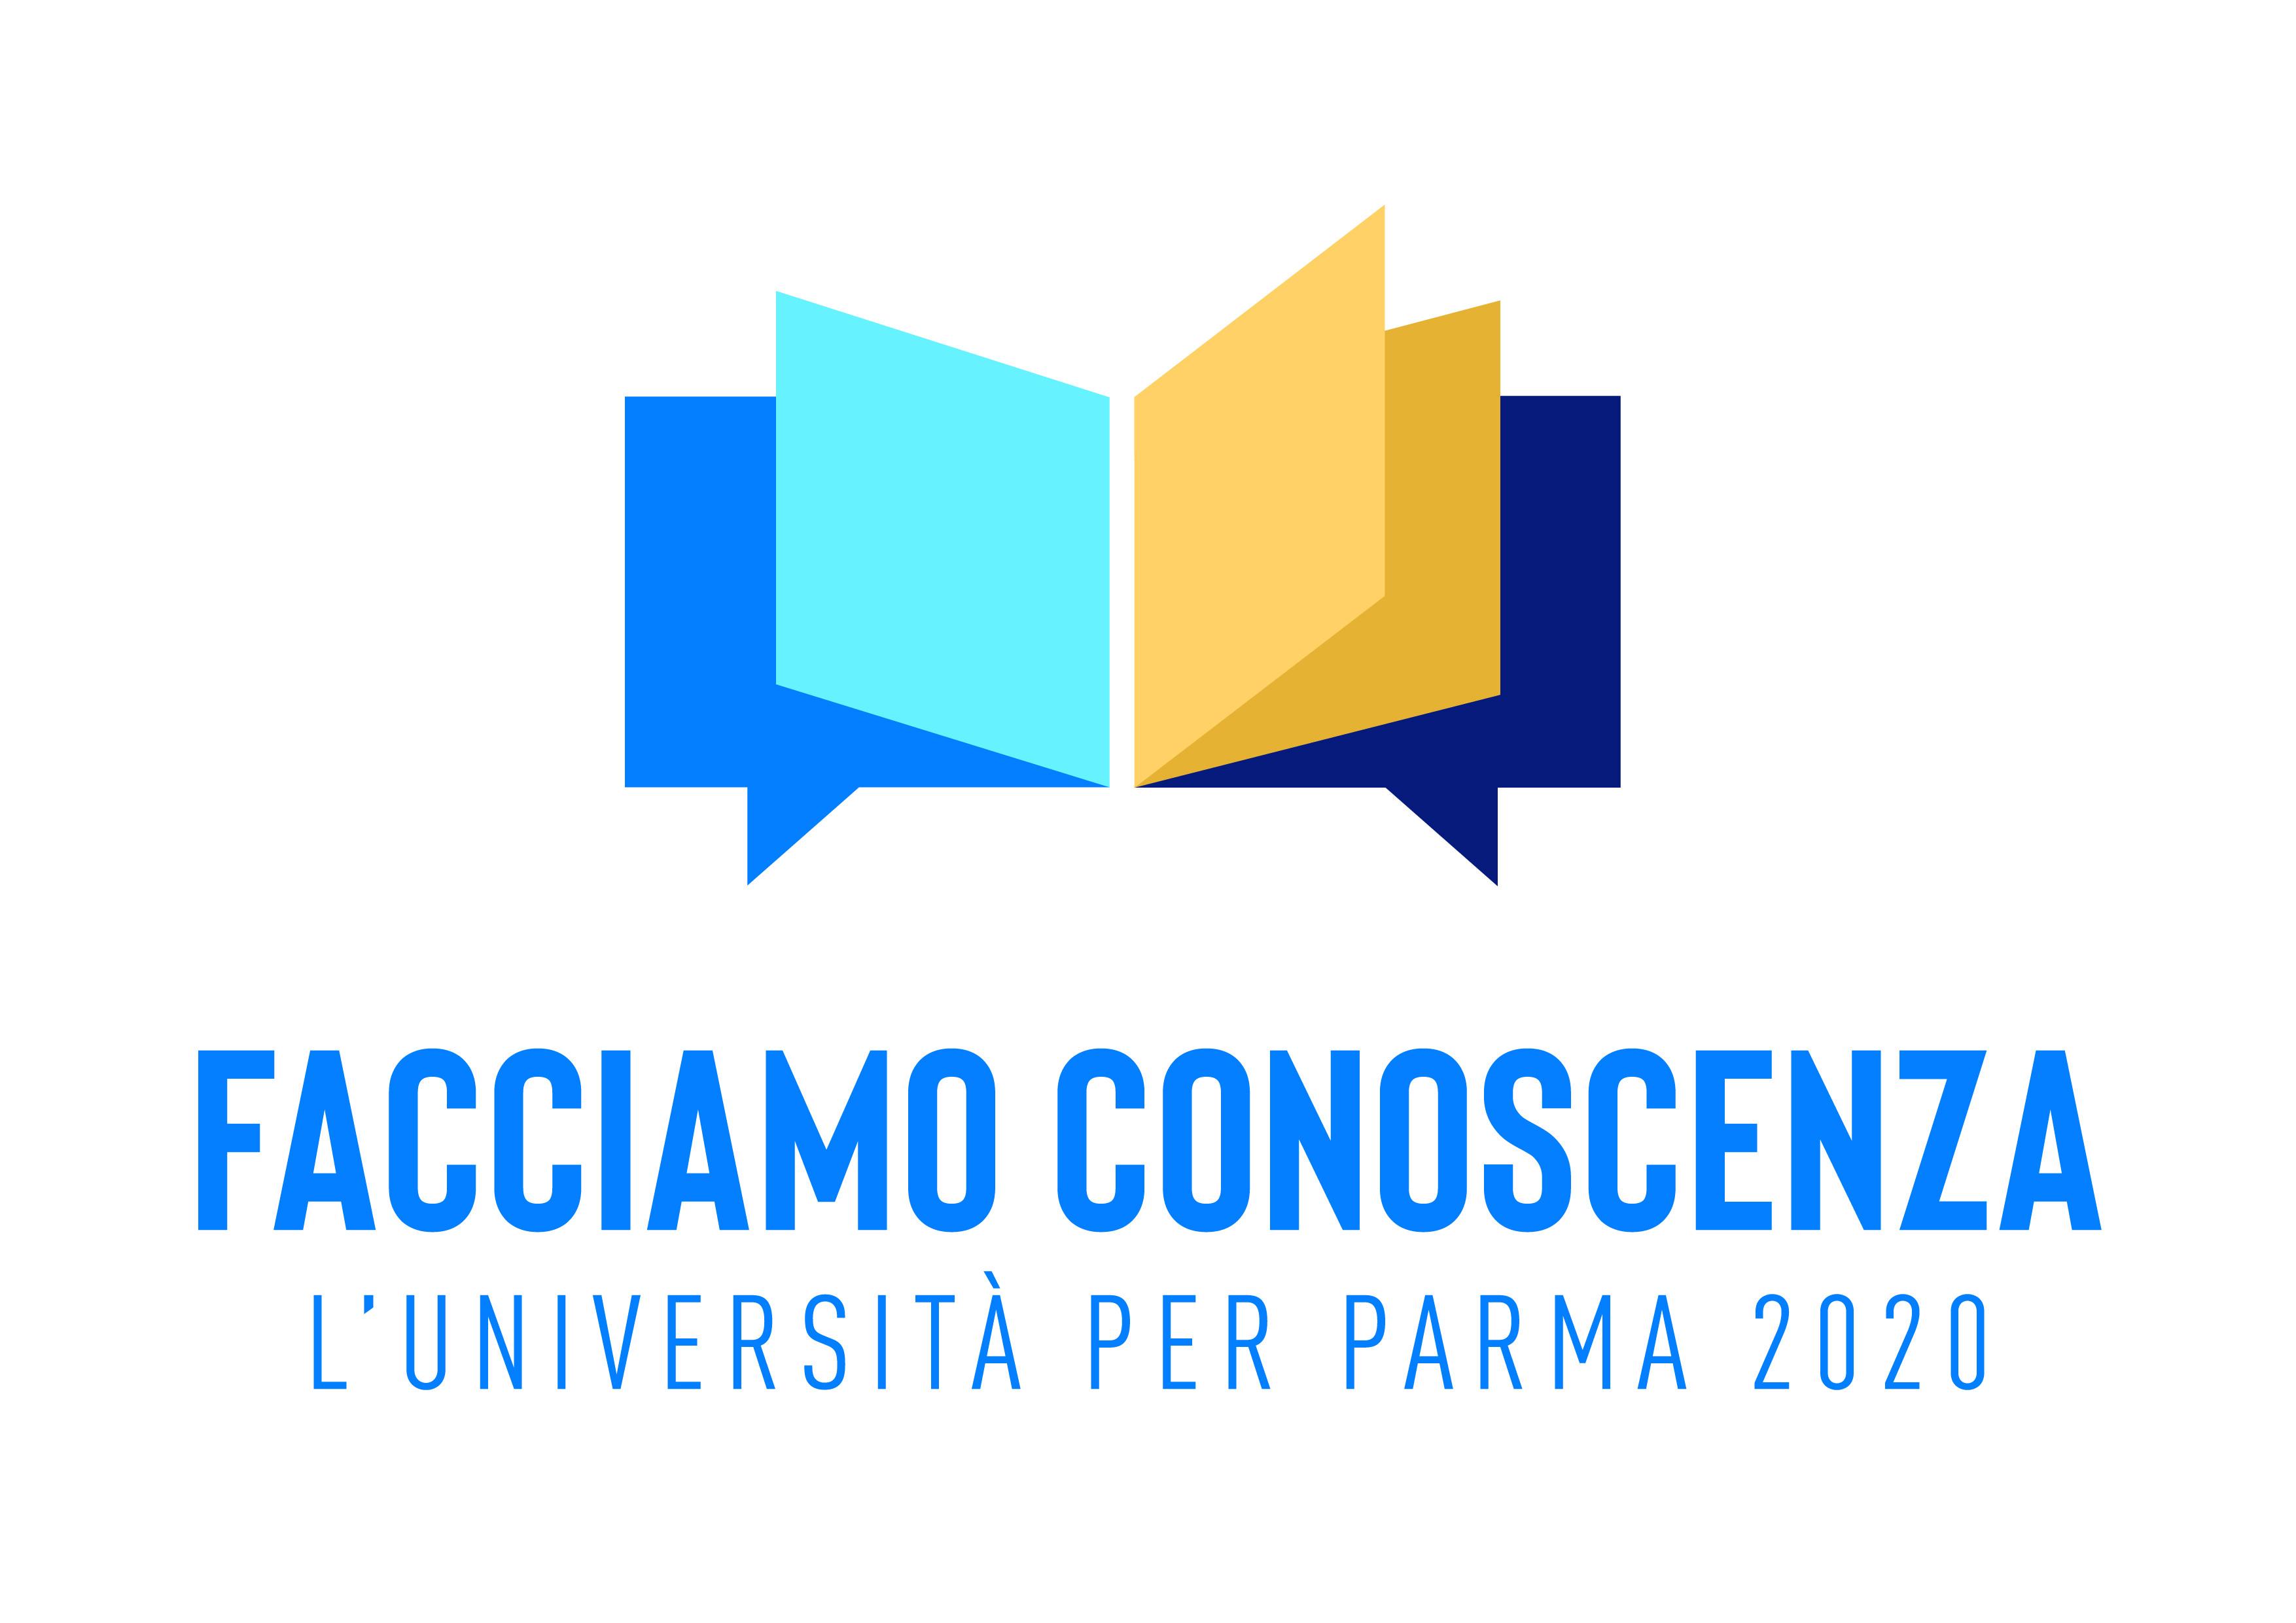 Parma 2020 - Facciamo Conoscenza, la Scienza protagonista al Dipartimento SCVSA dell'Università di Parma